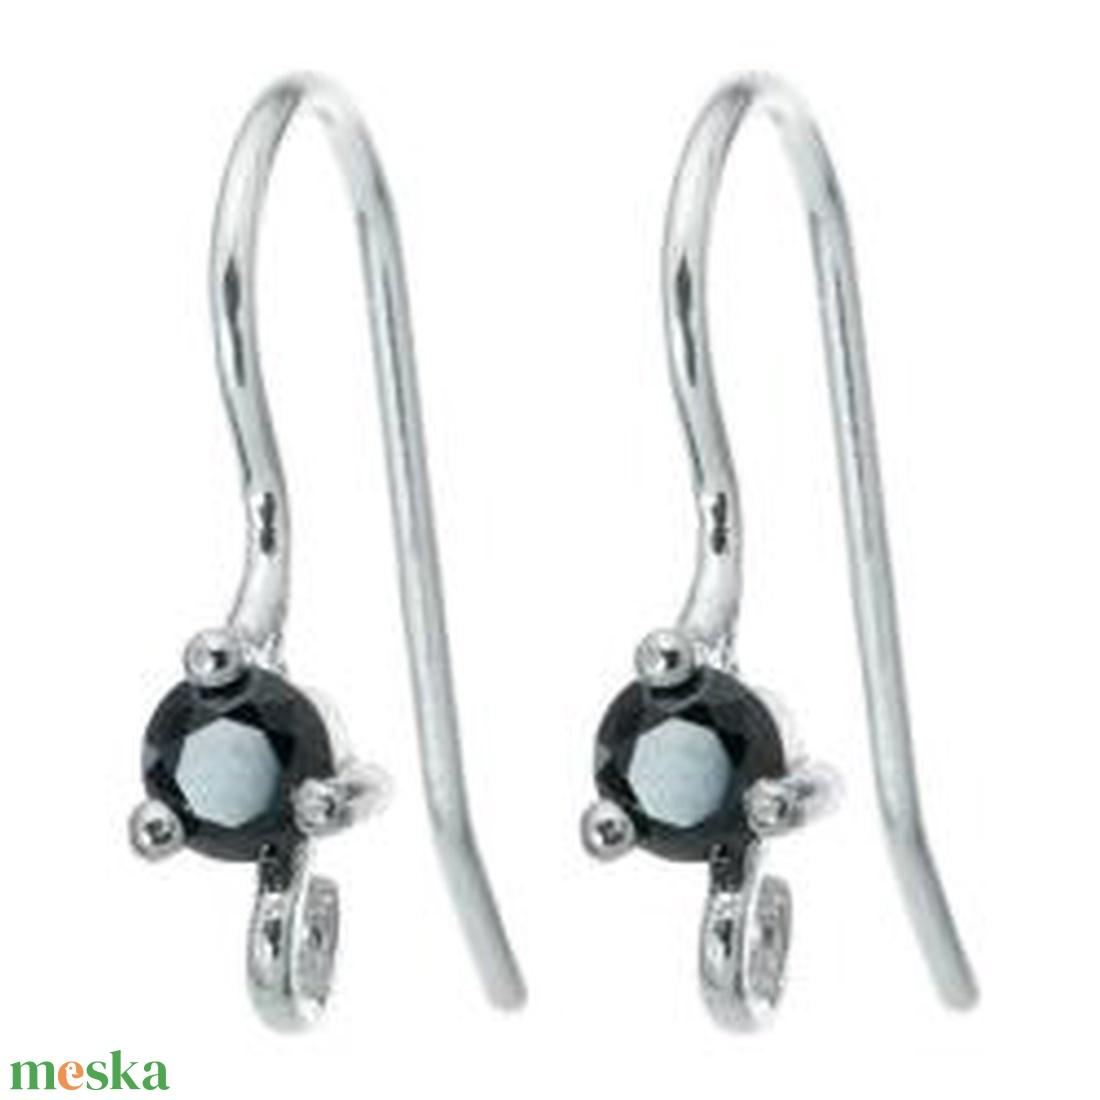 925-ös finomságú sterling  ezüst fülbevaló kapocs EFK A 02 J - gyöngy, ékszerkellék - egyéb alkatrész - Meska.hu